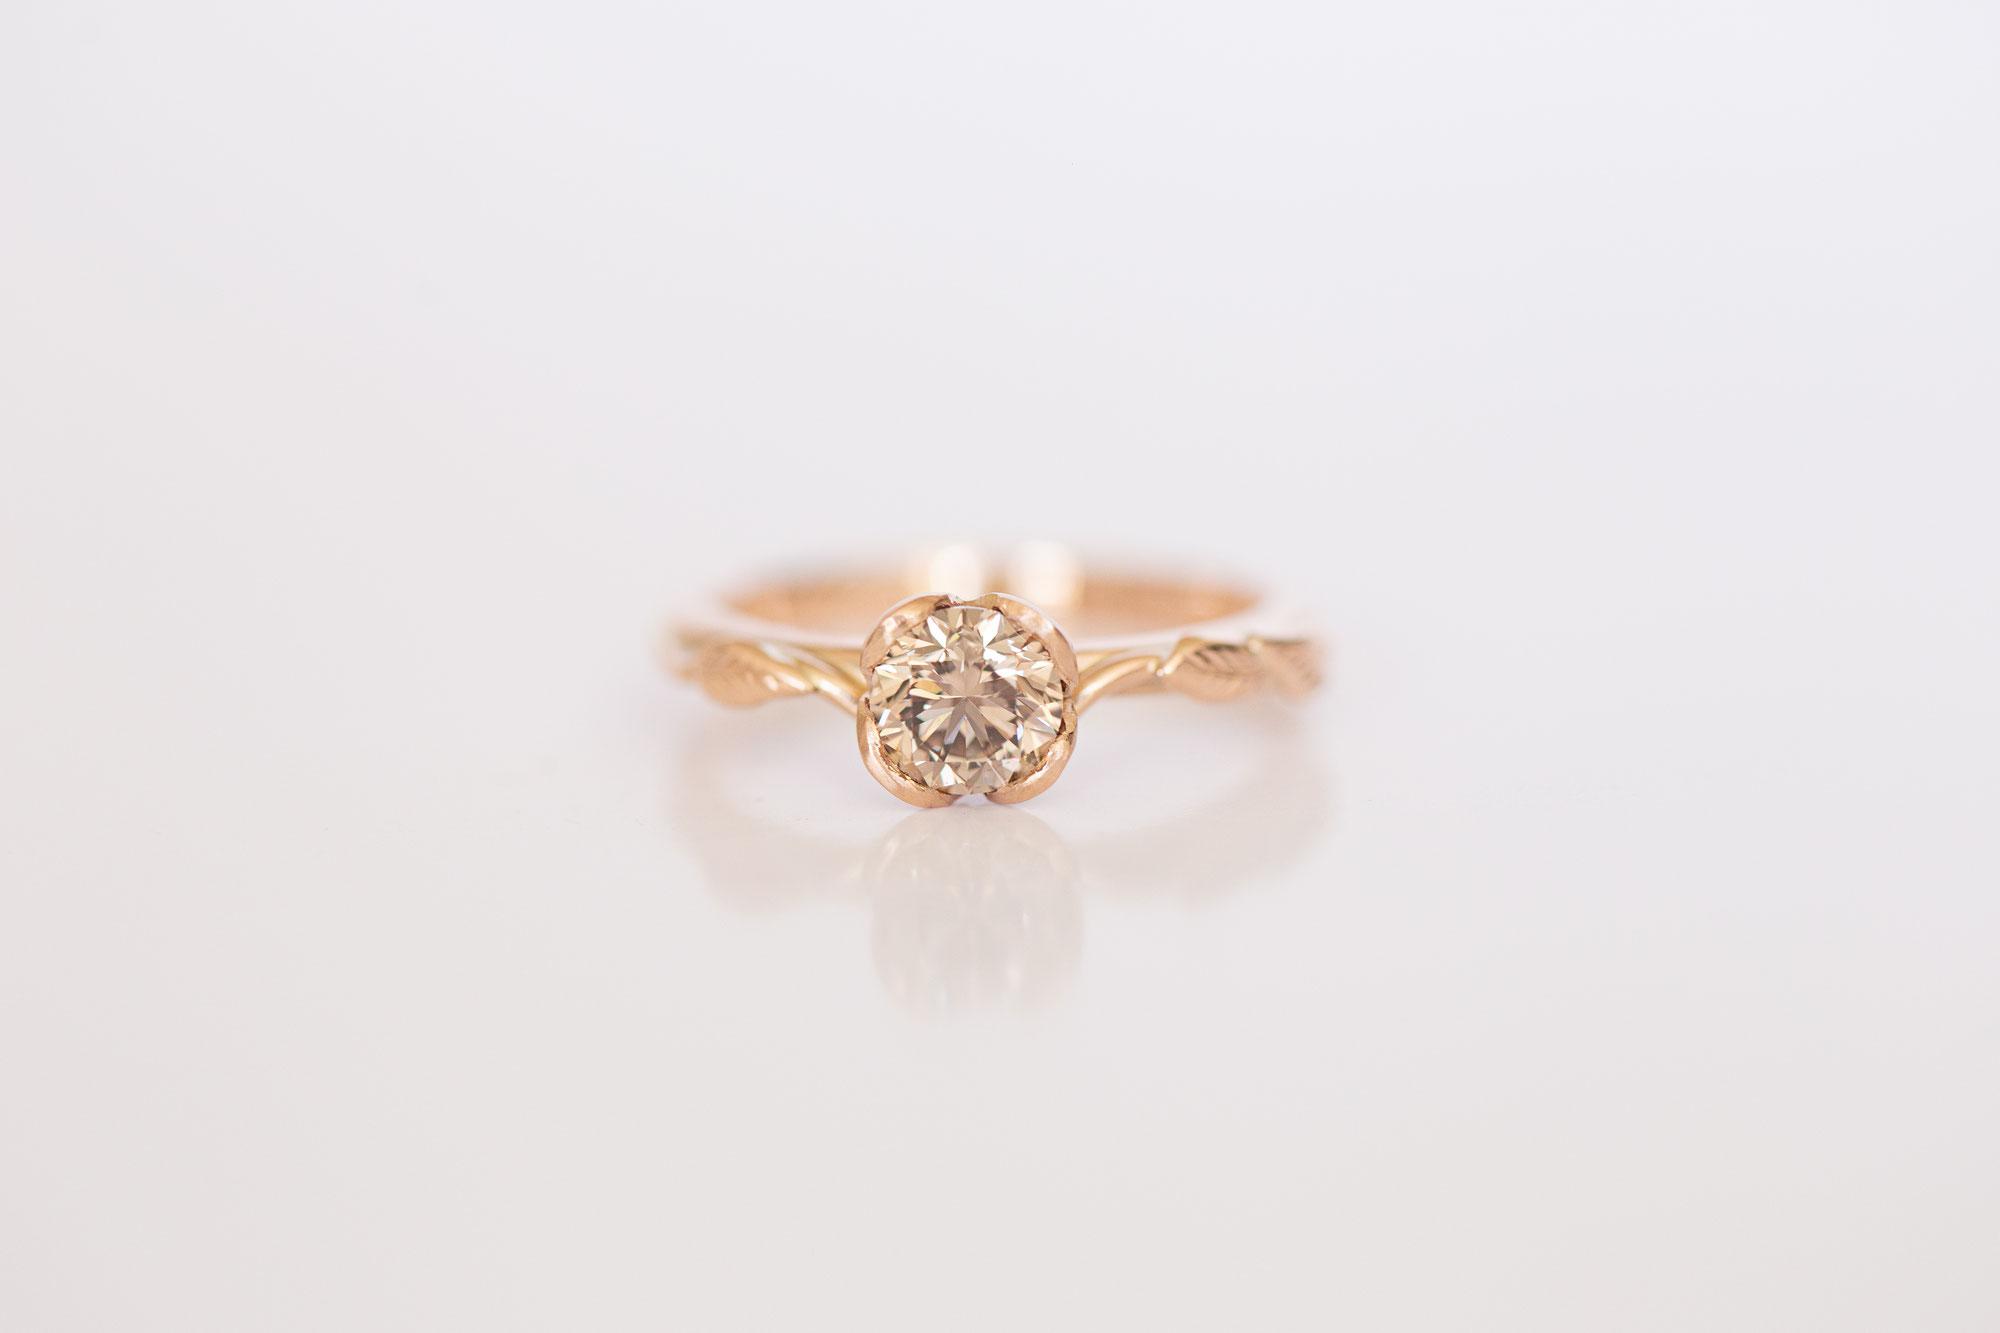 Graduierung für farblose und leicht gelbliche Diamanten